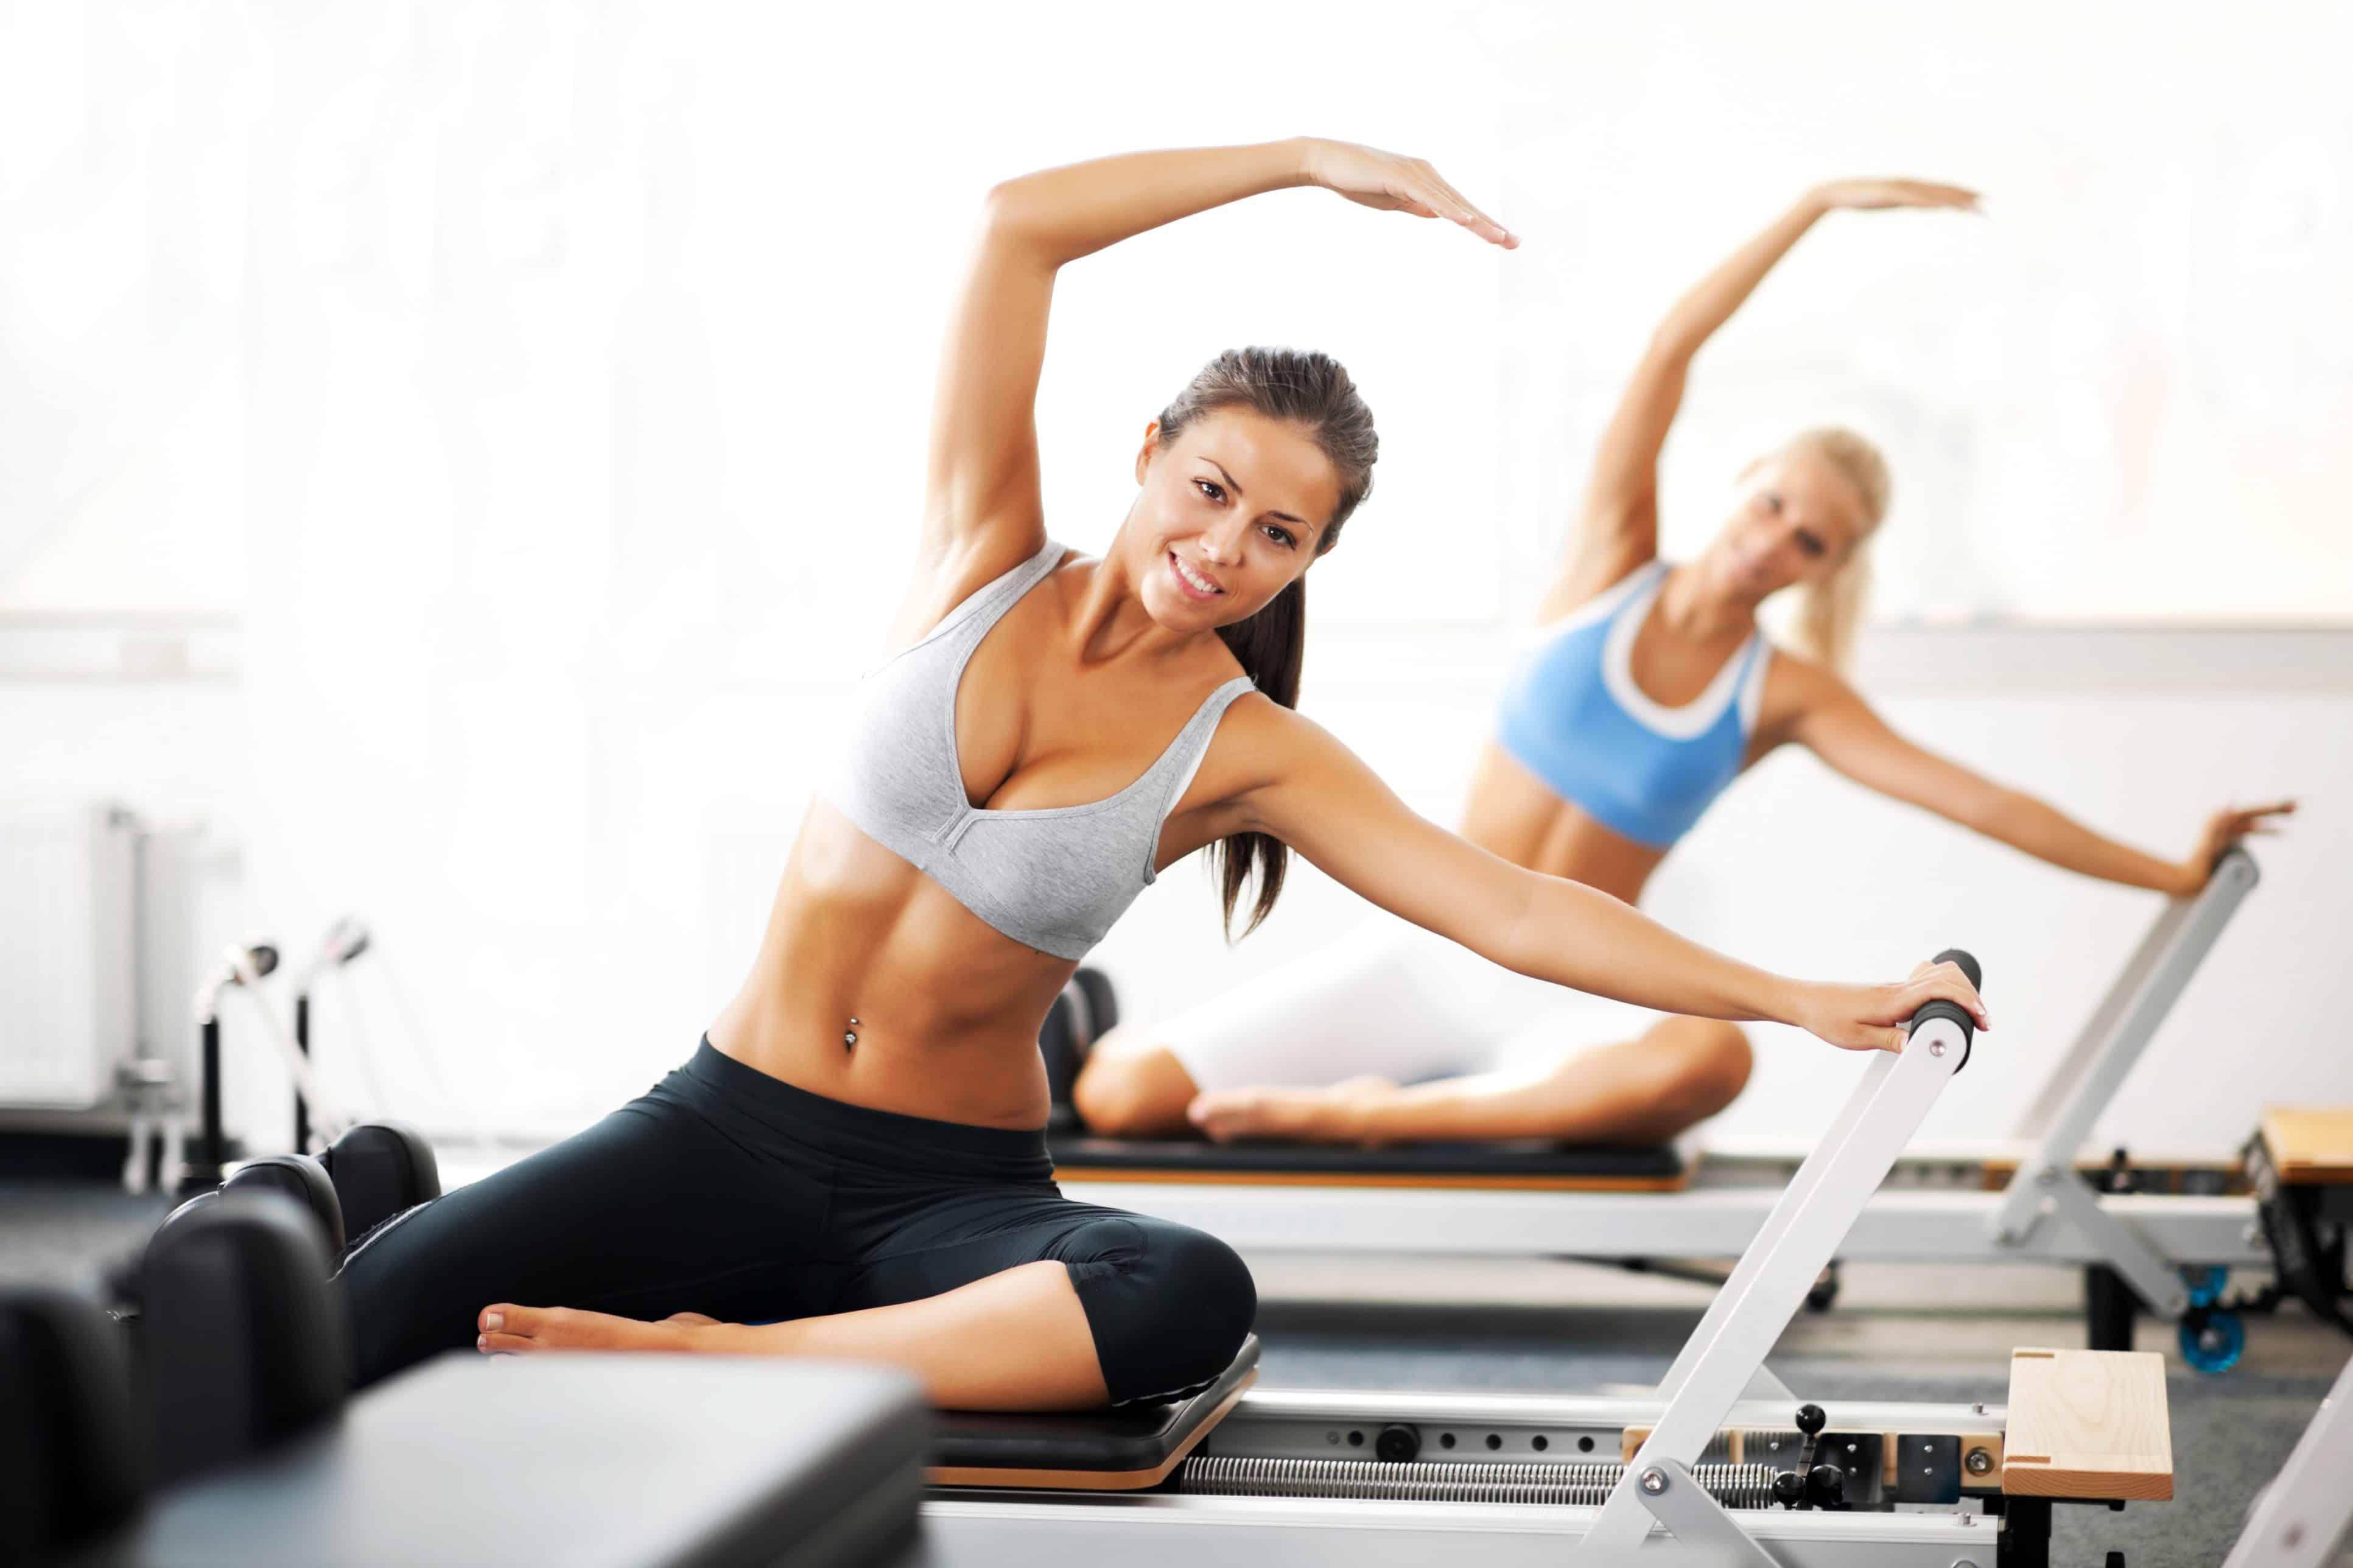 Danza Ballo a Piedi Nudi Pilates Tusscle Antiscivolo Calze Donna Pure Barre Fitness Balletto Calzini Pilates Antiscivolo per Yoga